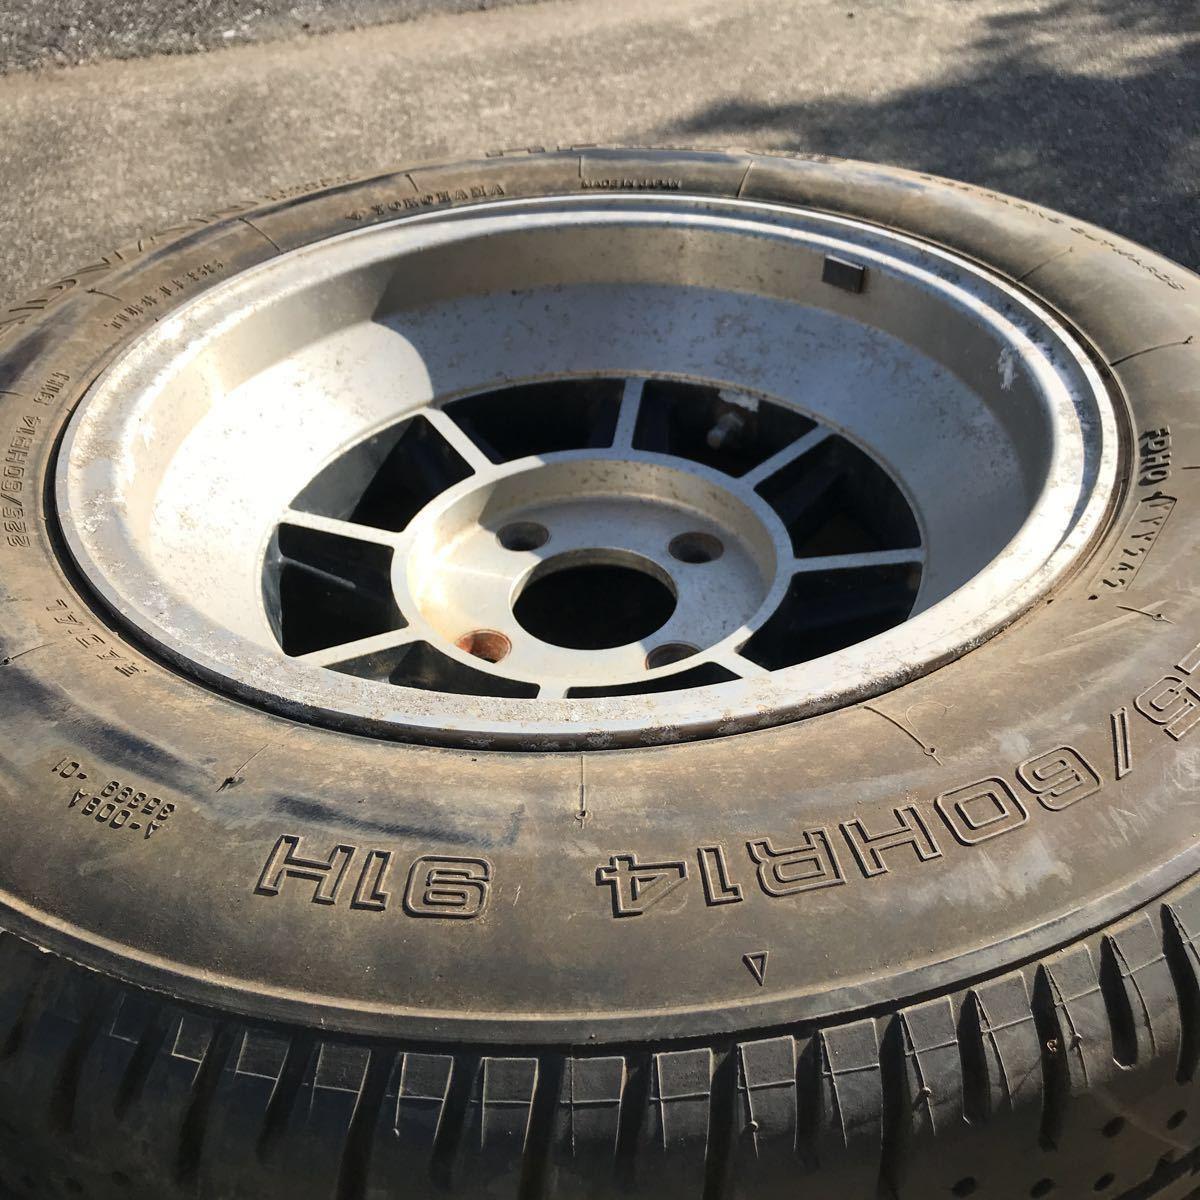 深リム 売り切り 希少 旧車 ハヤシレーシング ハヤシ ストリート すり鉢 14インチ 8J OFF-5 4H PCD114.3 2本 GX61 GX71 GZ10 130z 深リム_画像3